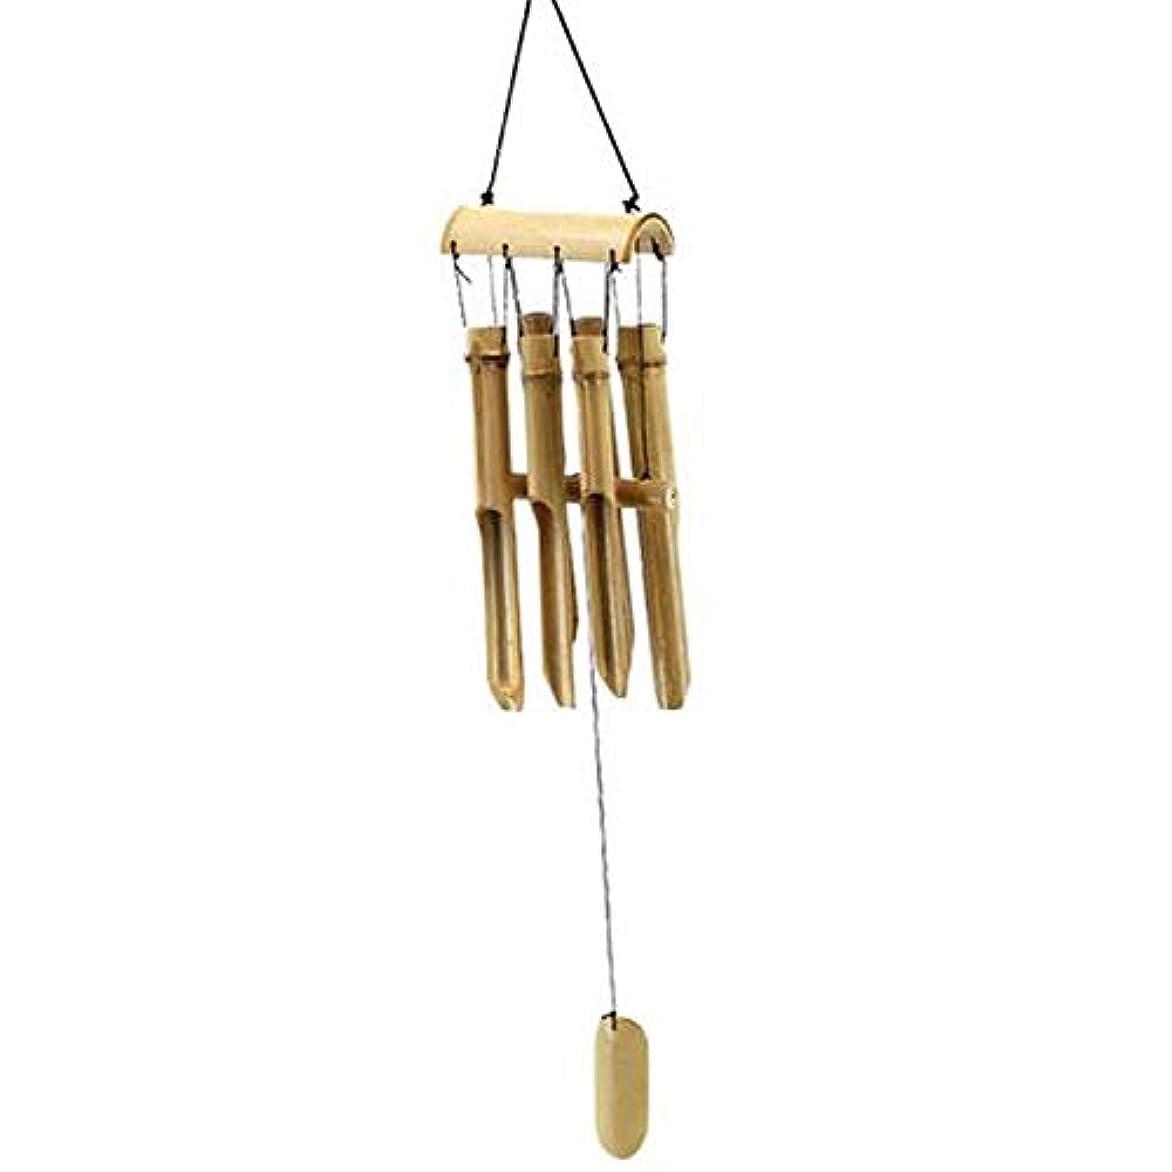 分離するフェデレーション形成Hongyushanghang 風チャイム、中国のスタイルヴィンテージ手作りの竹風チャイム、ブラウン、全身について67CM、90CM,、ジュエリークリエイティブホリデーギフトを掛ける (Size : 90cm)